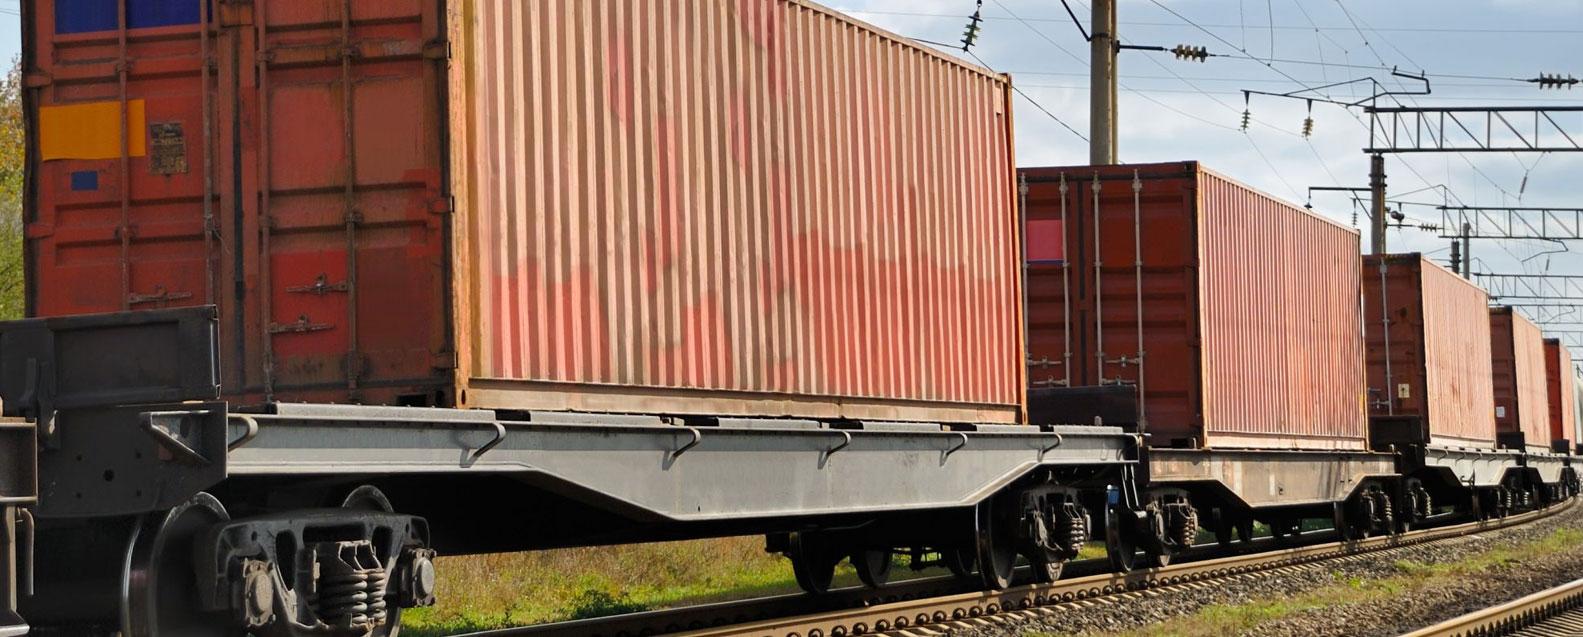 Организации доставки железнодорожным транспортом из санкт-петербурга в барнаул дешево заработать яндекс деньги в интернете без вложений сейчас